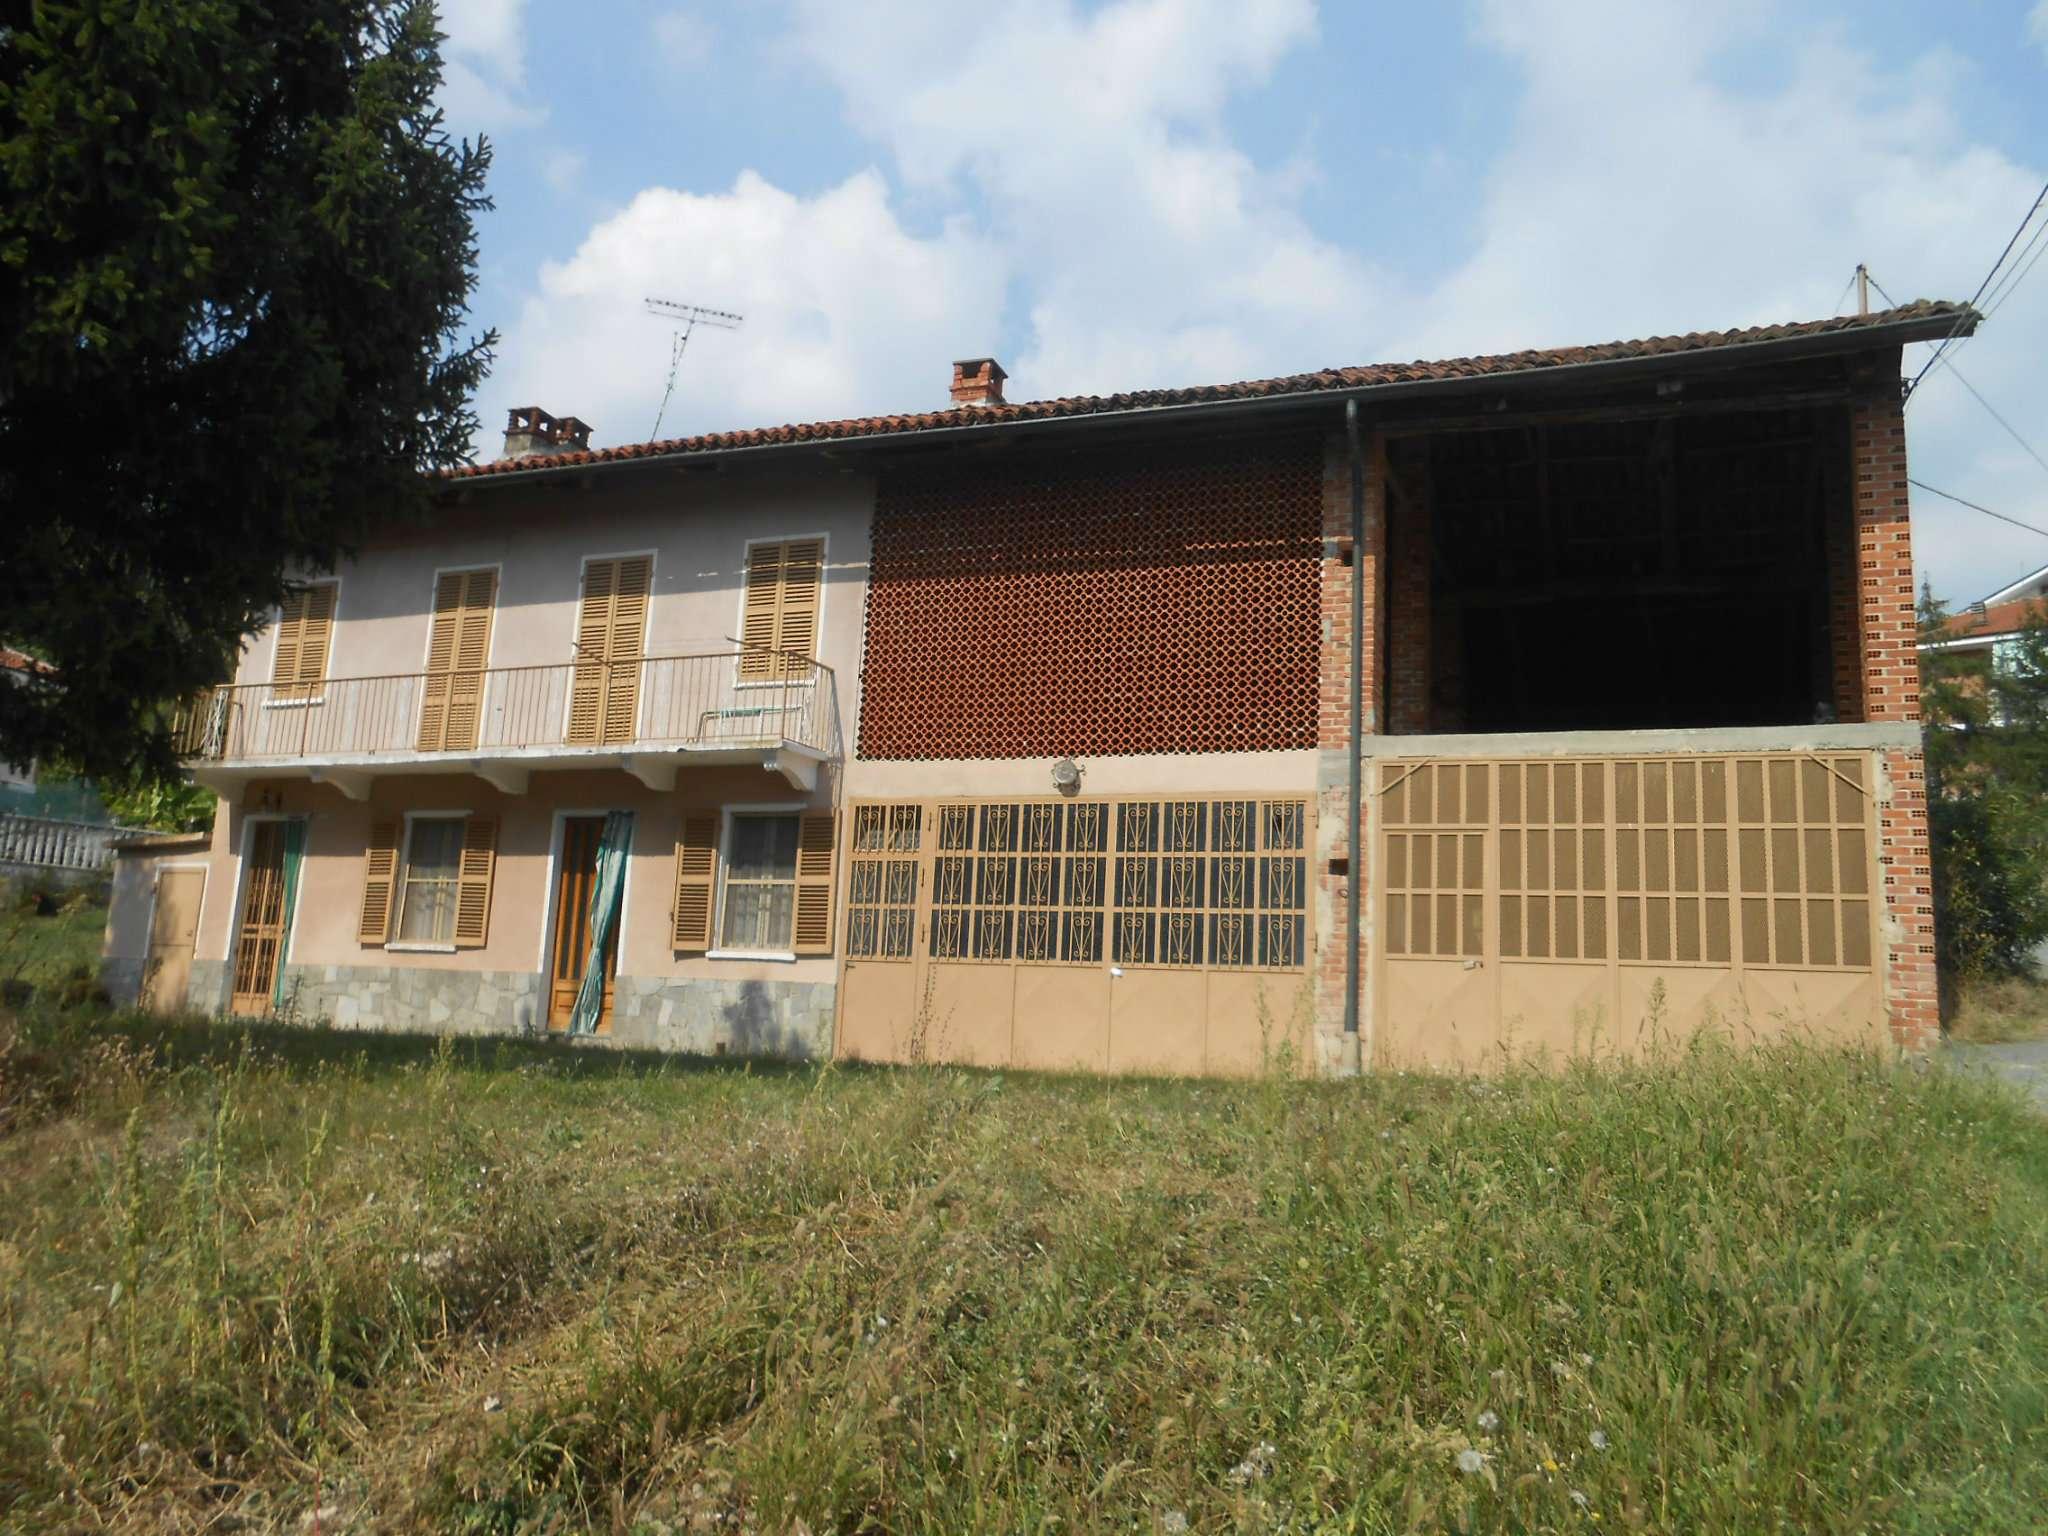 Rustico / Casale in vendita a Passerano Marmorito, 12 locali, prezzo € 130.000 | CambioCasa.it